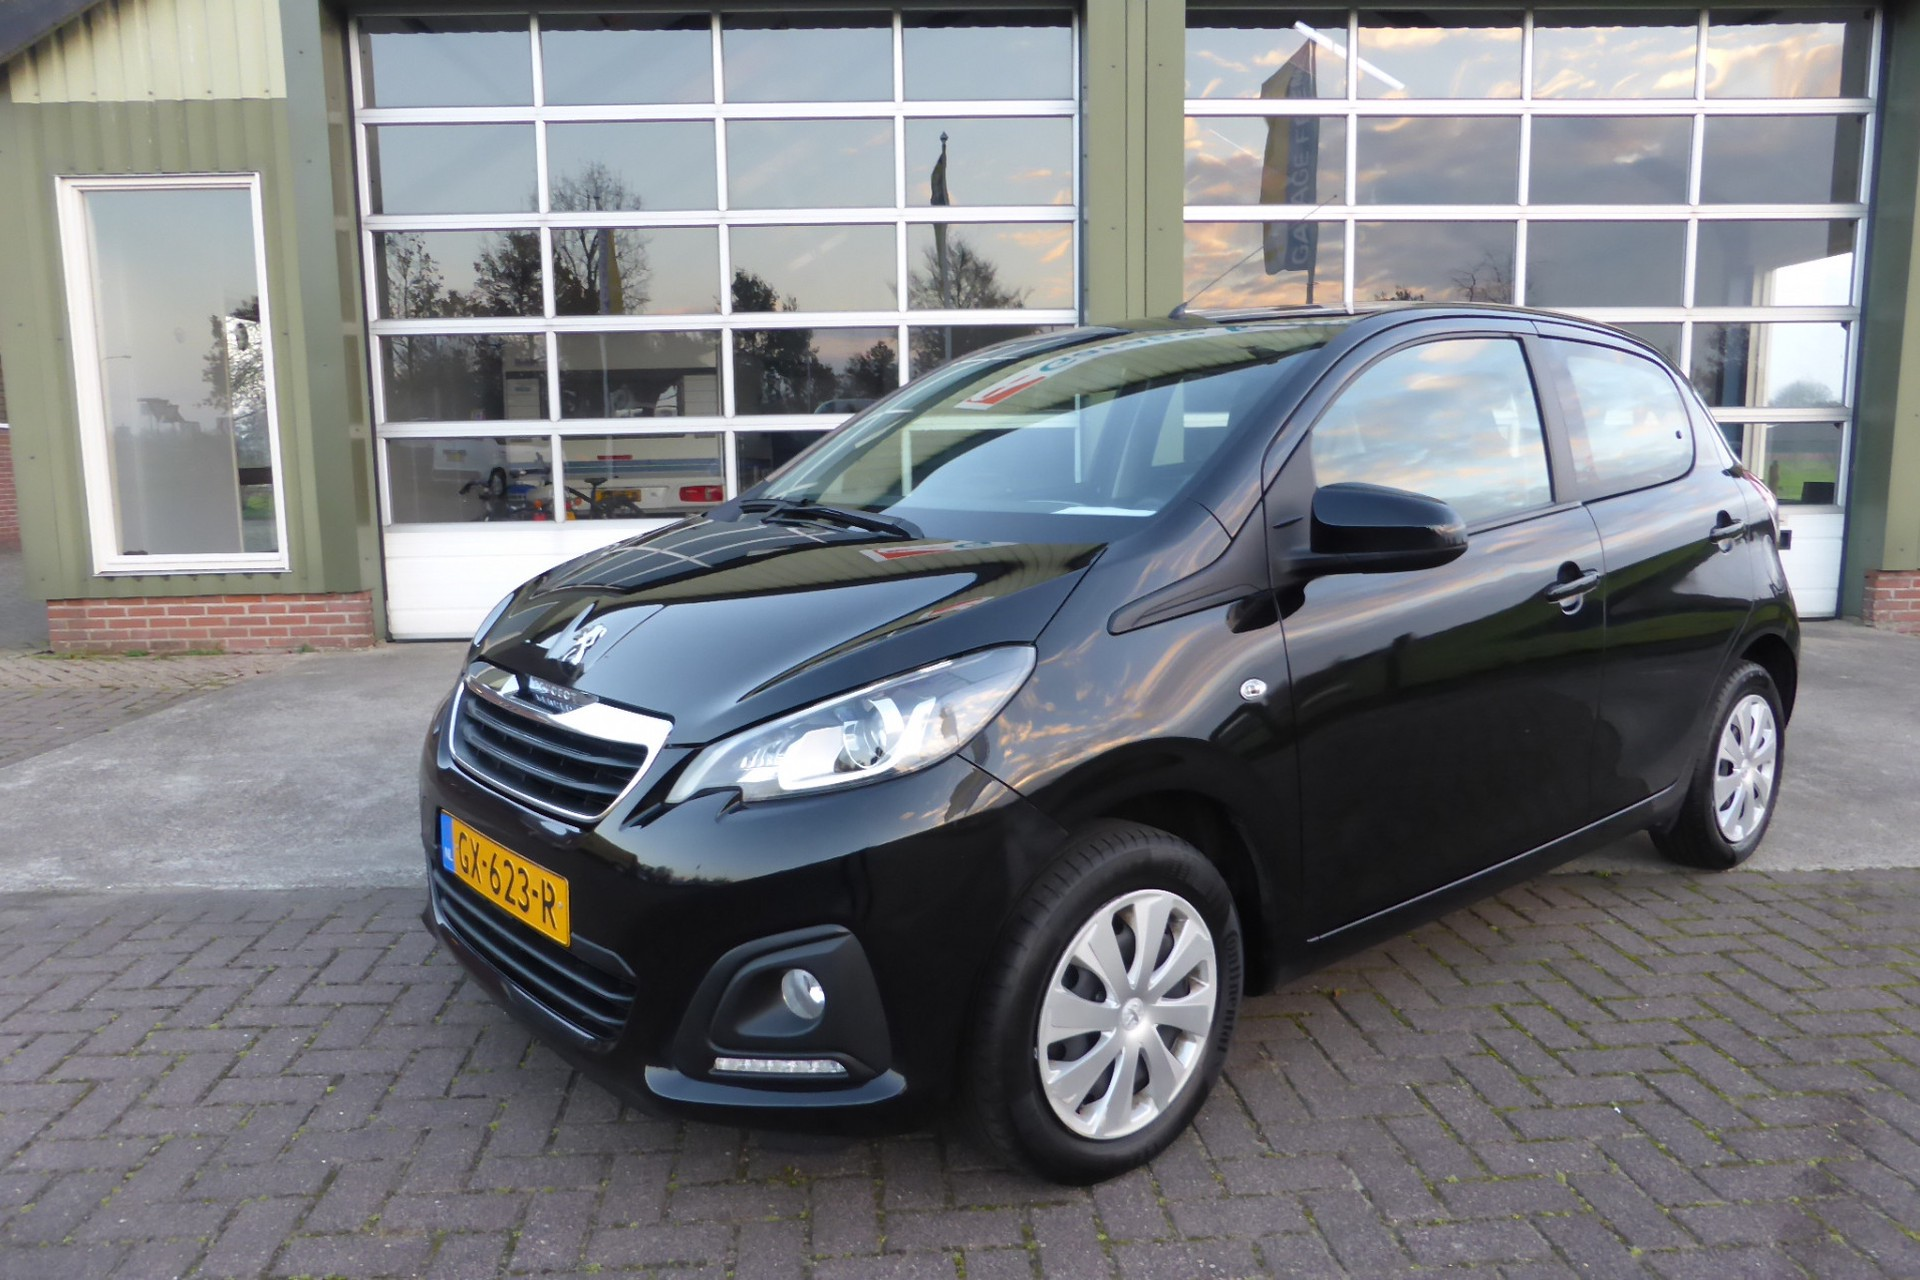 Peugeot 108 foto 1